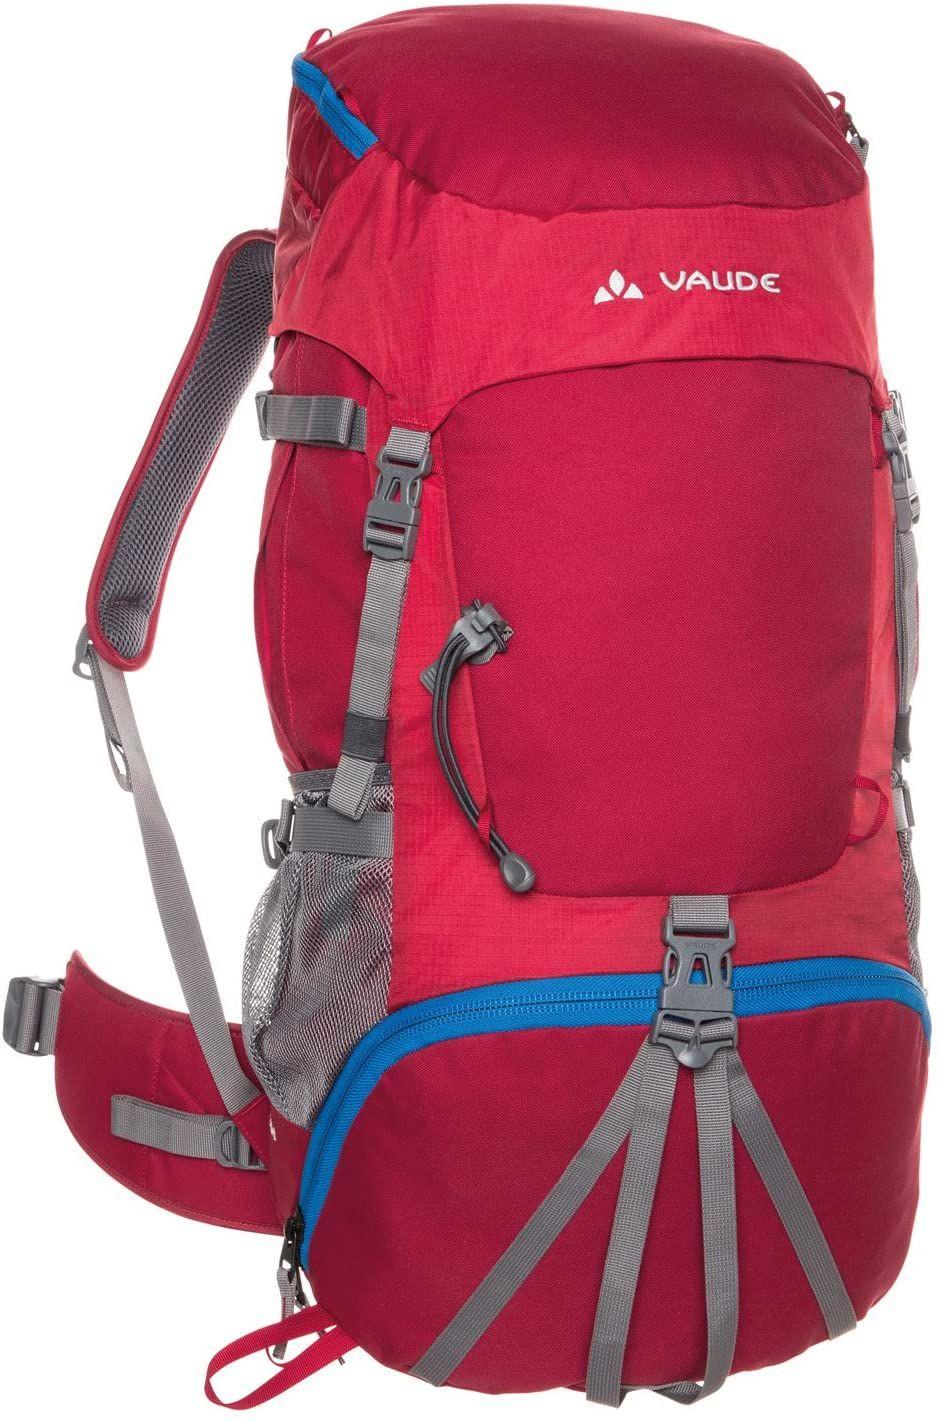 VAUDE Kinder/Jugendliche Hidalgo 42+8 Rucksack